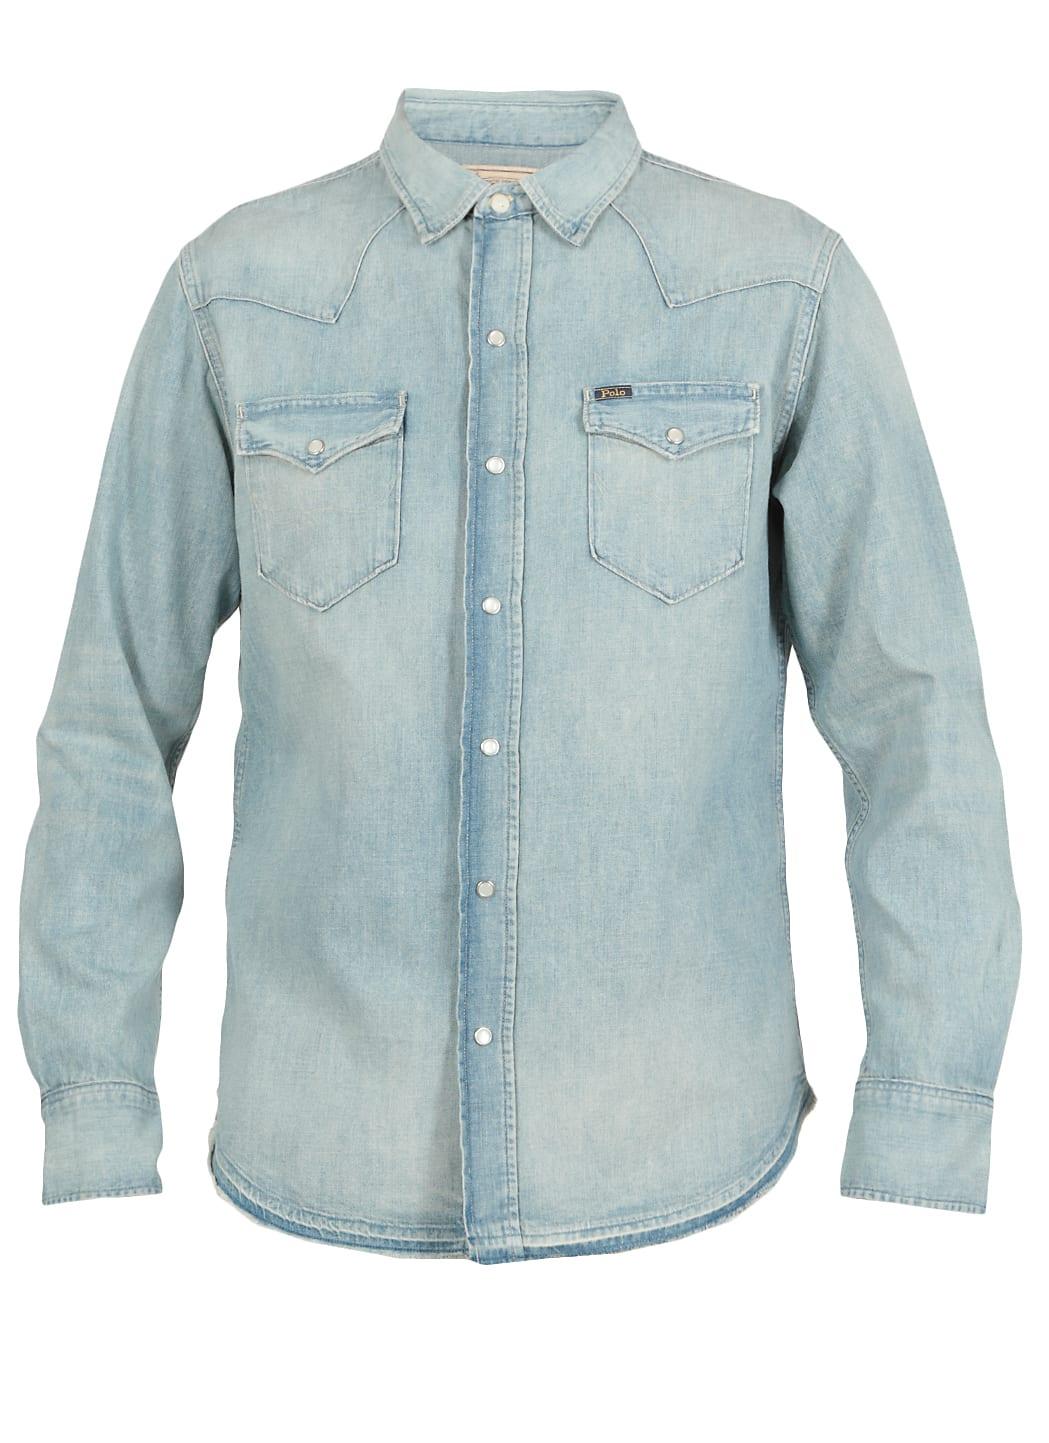 Ralph Lauren Jeans Cotton Shirt